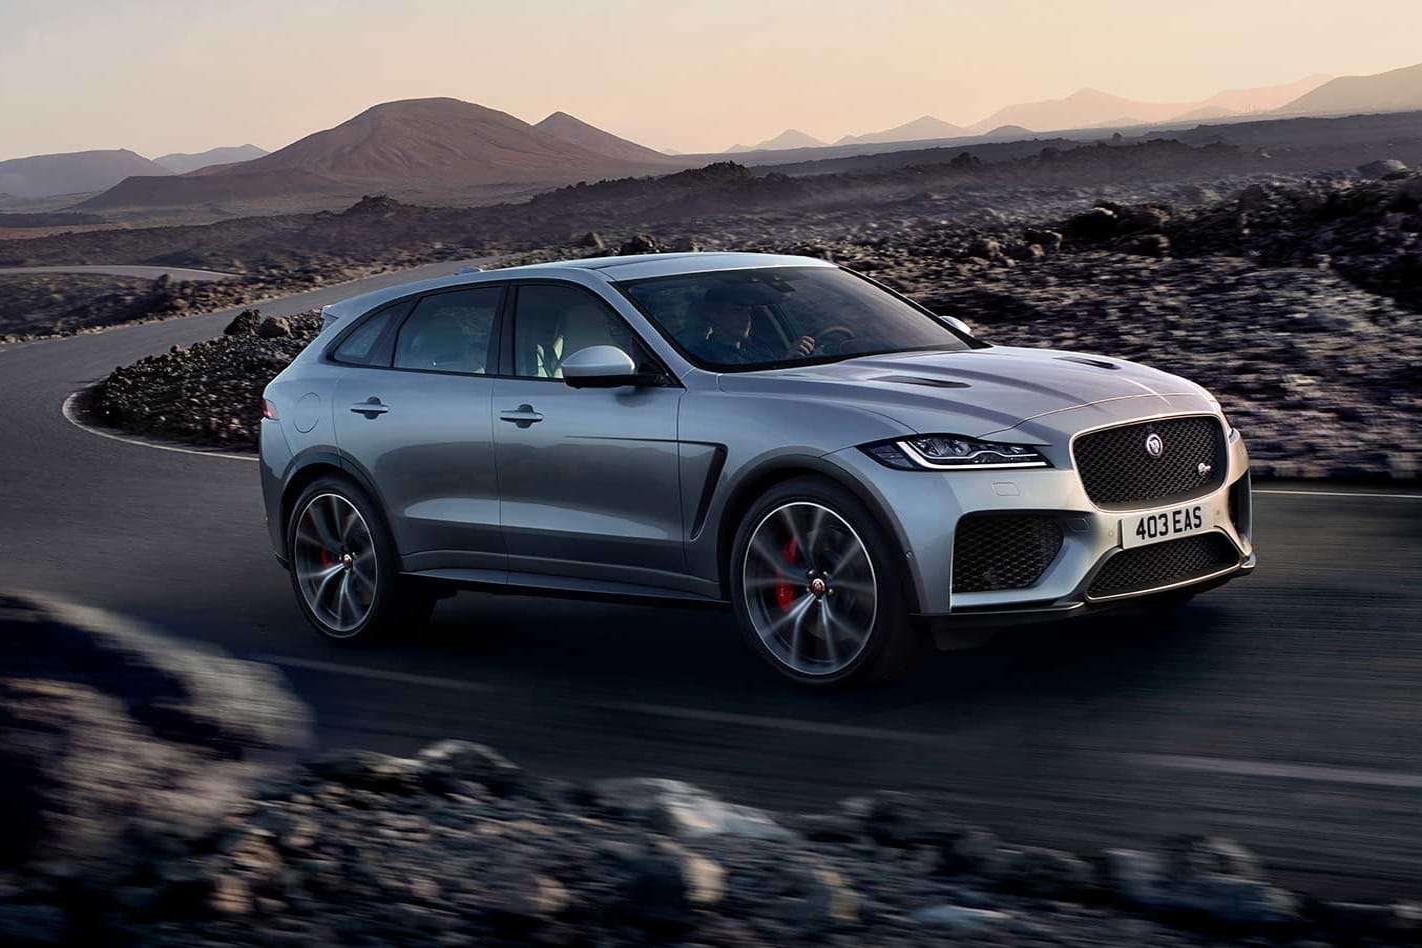 2018 Jaguar F Pace SVR Australian pricing